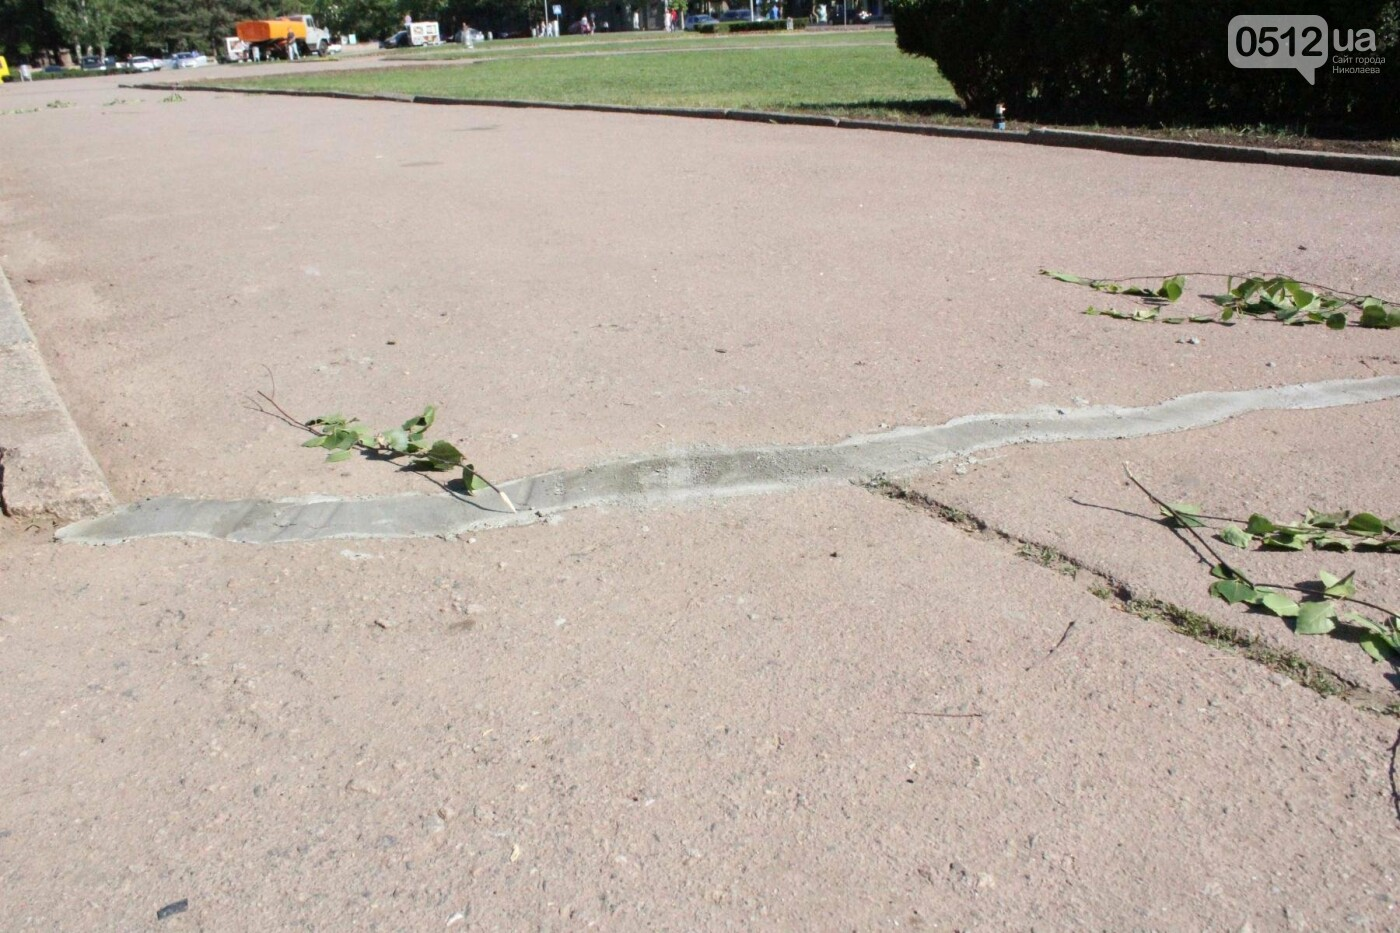 Соборную площадь в Николаеве готовят к приезду Петра Порошенко, - ФОТО, фото-4